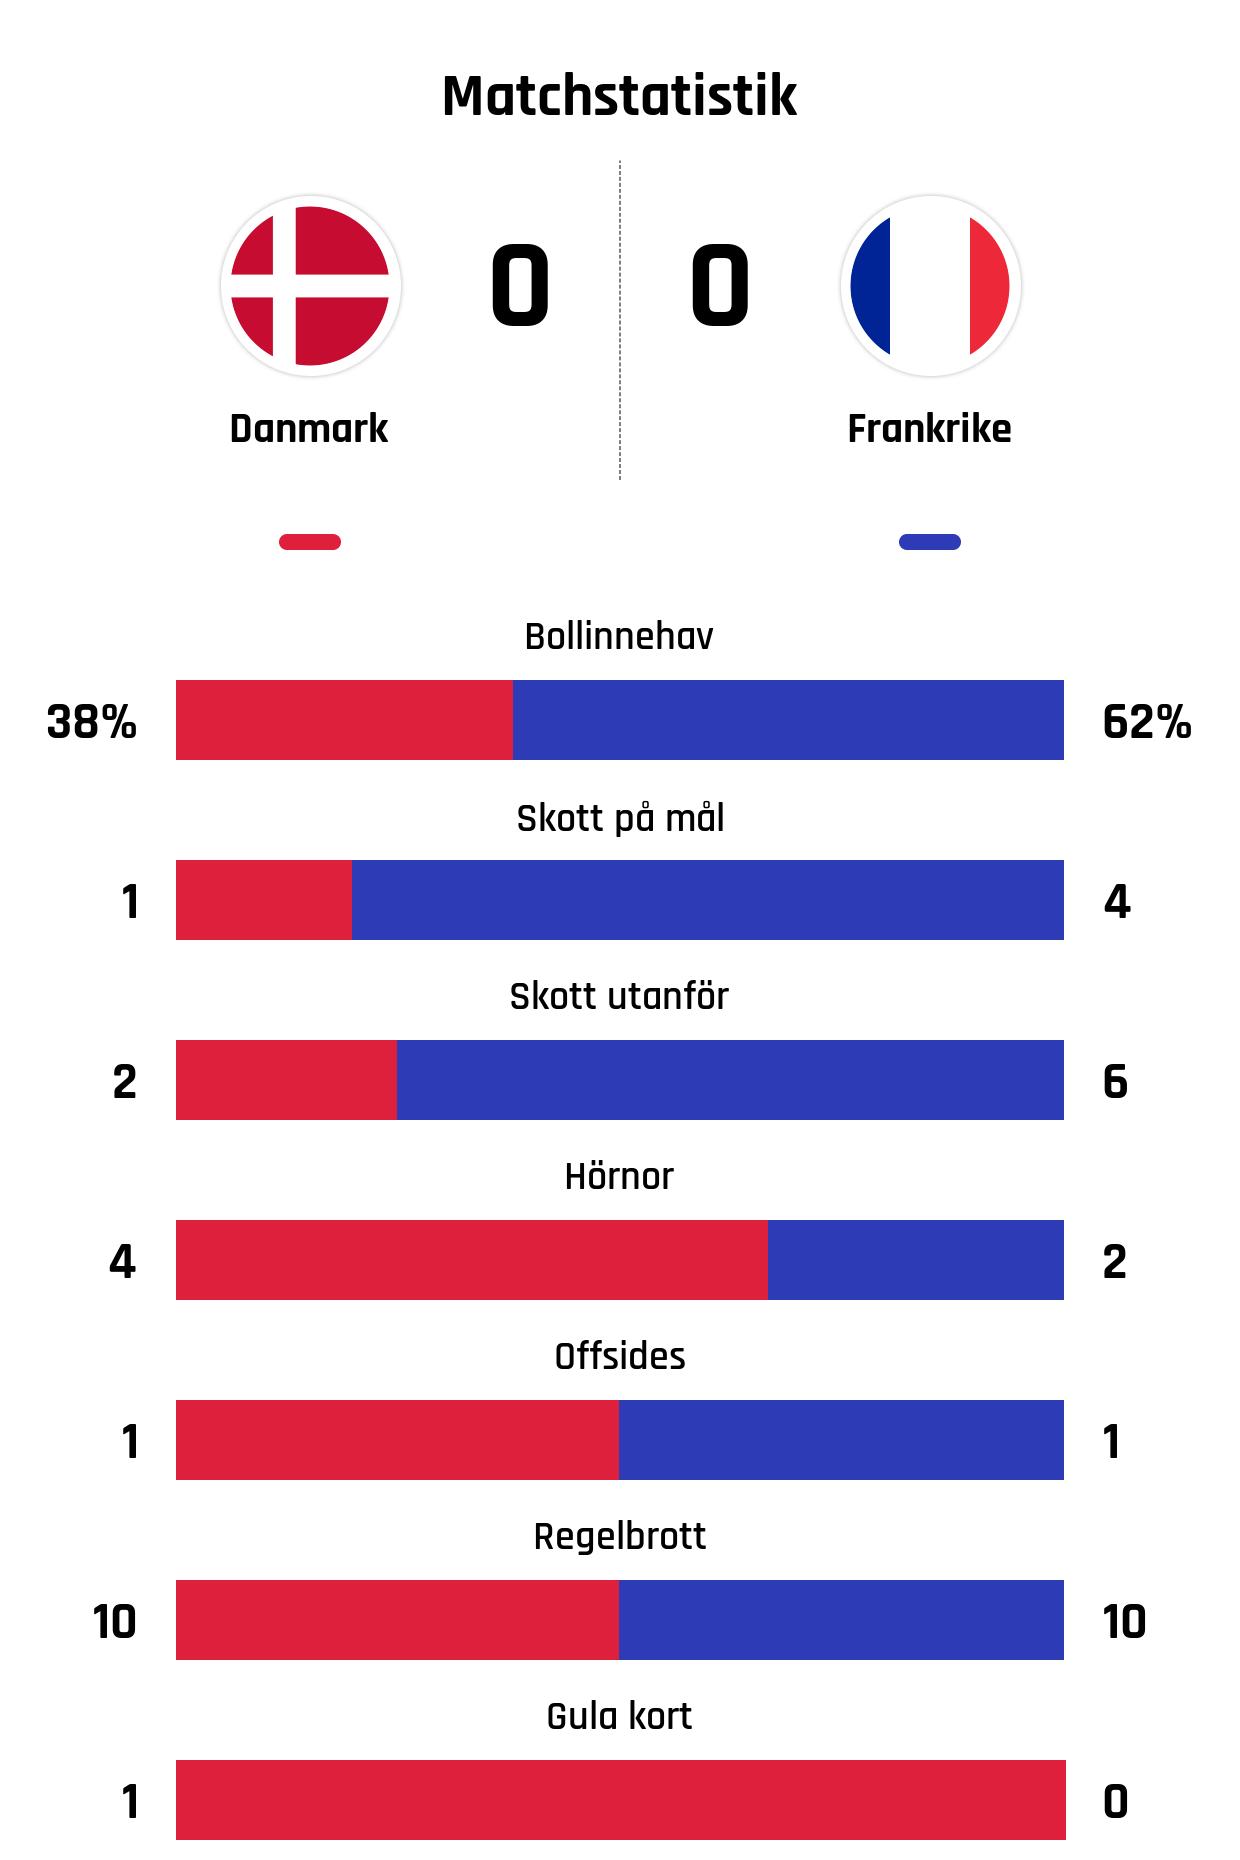 Bollinnehav 38%-62%<br /> Skott på mål 1-4<br /> Skott utanför 2-6<br /> Hörnor 4-2<br /> Offsides 1-1<br /> Regelbrott 10-10<br /> Gula kort 1-0